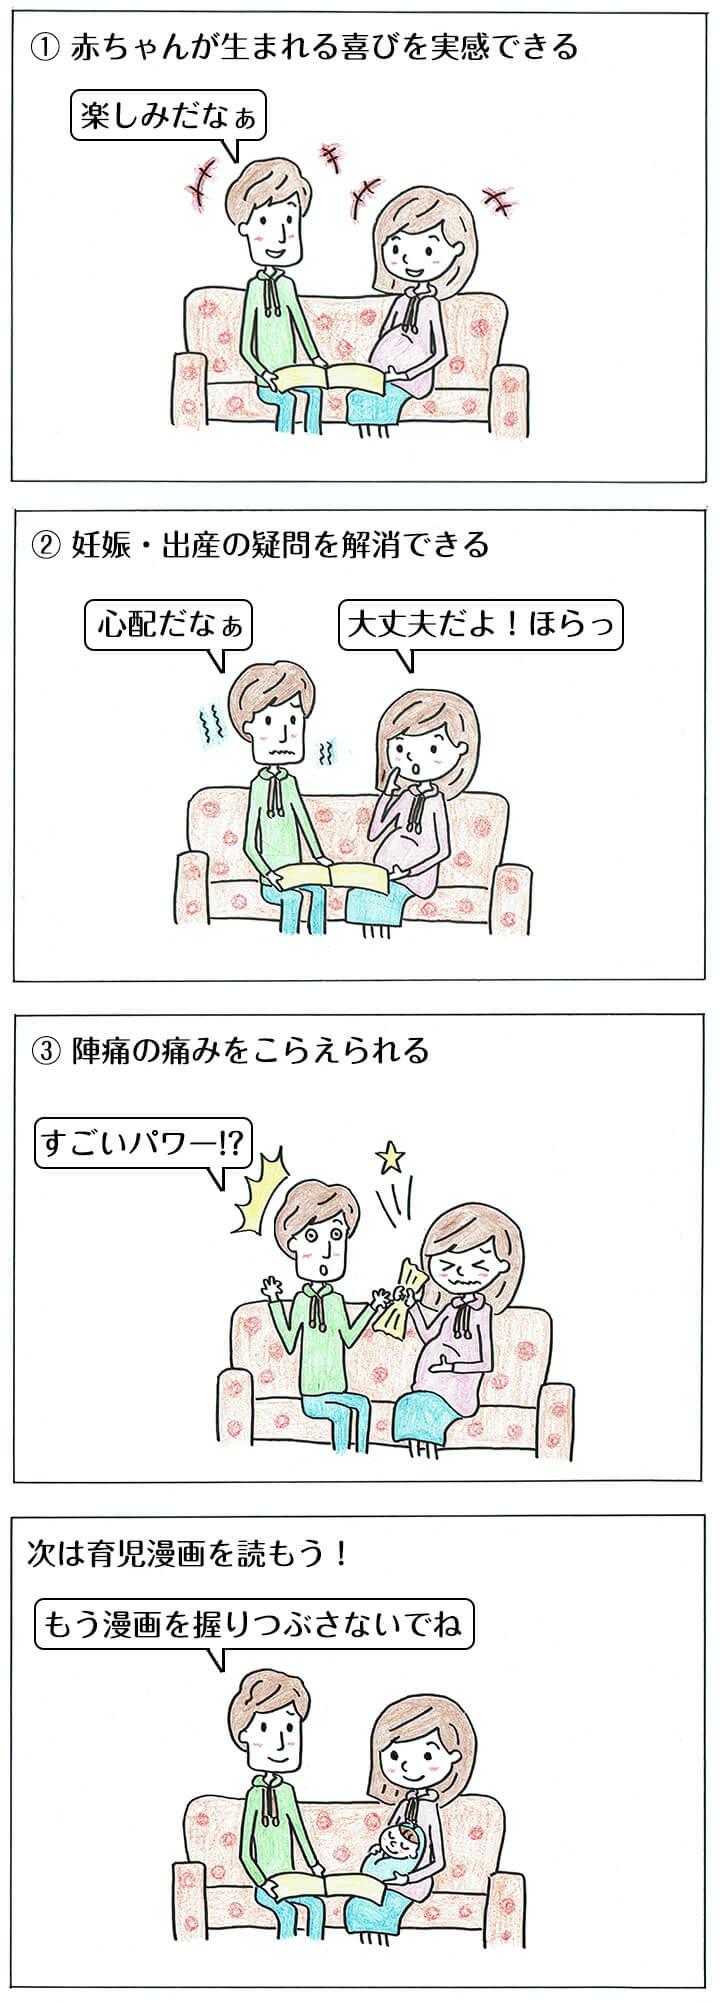 妊娠の漫画の子育て4コマ漫画